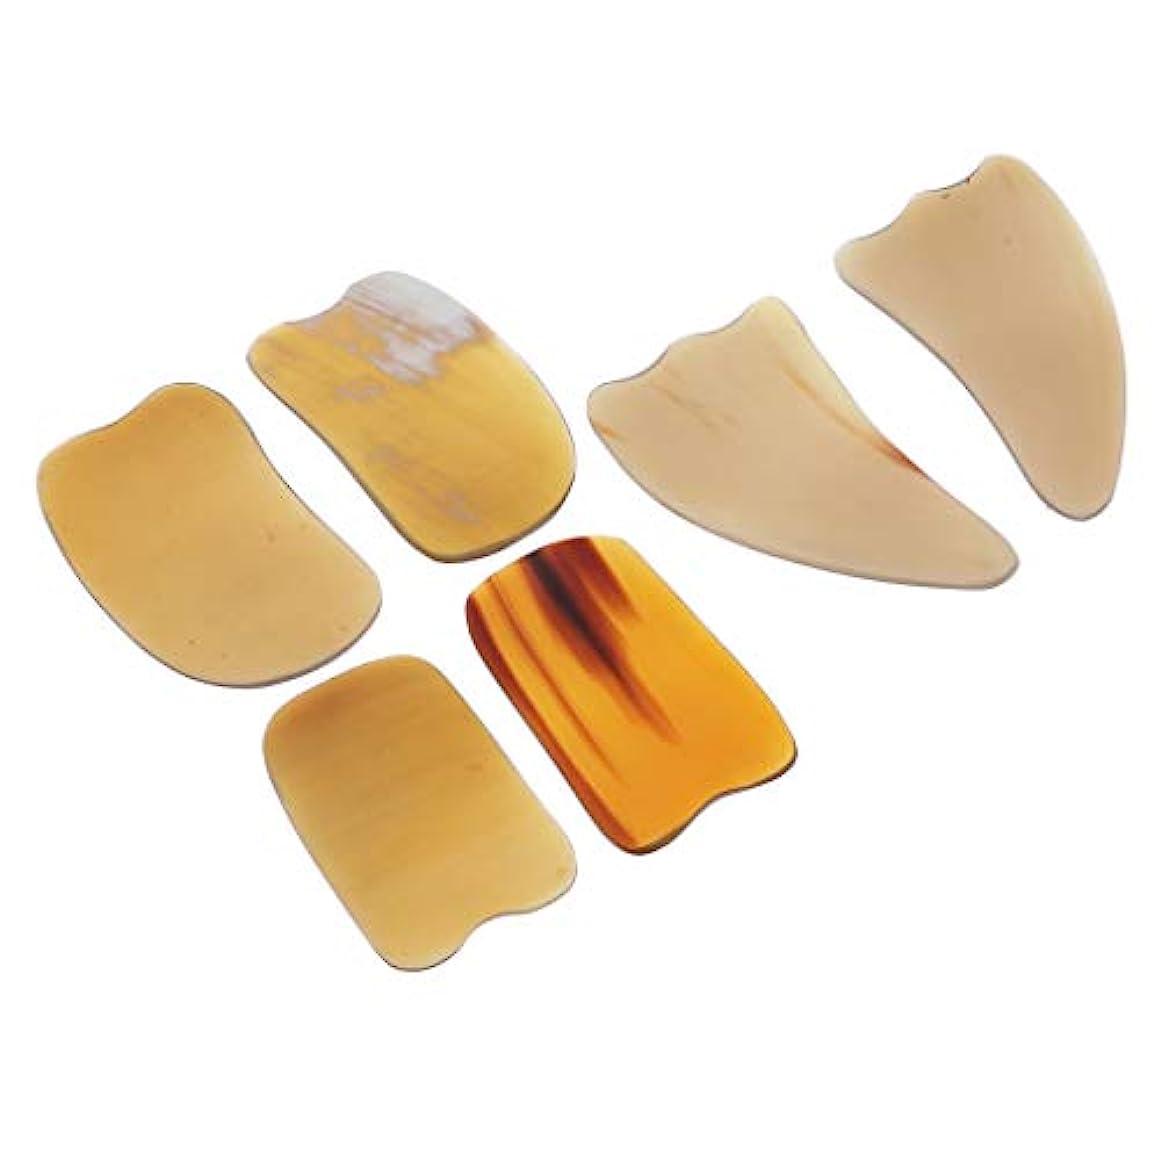 軽ローンビジタースクレイピングボード カッサボード カッサマッサージ道具 ボディマッサージ SPA 角形